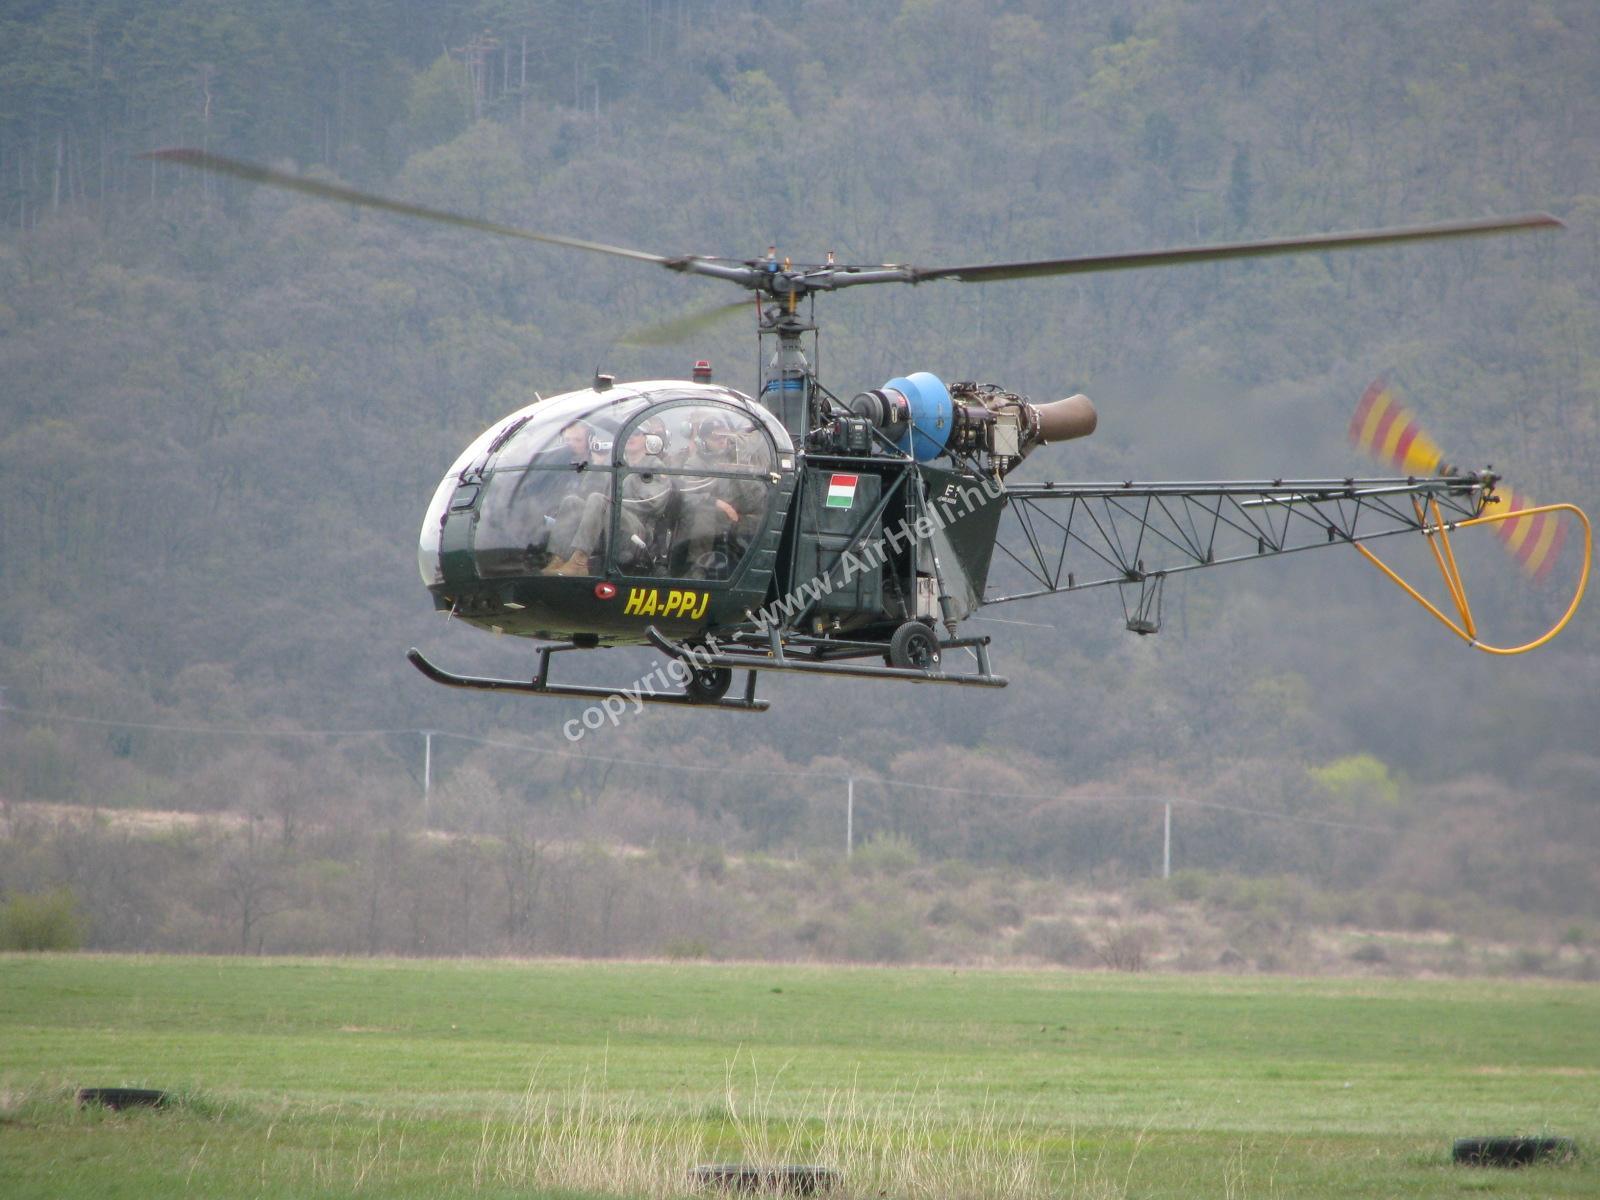 Szombati szülinapi repülés, 2010. április: Helicopter Alouette II